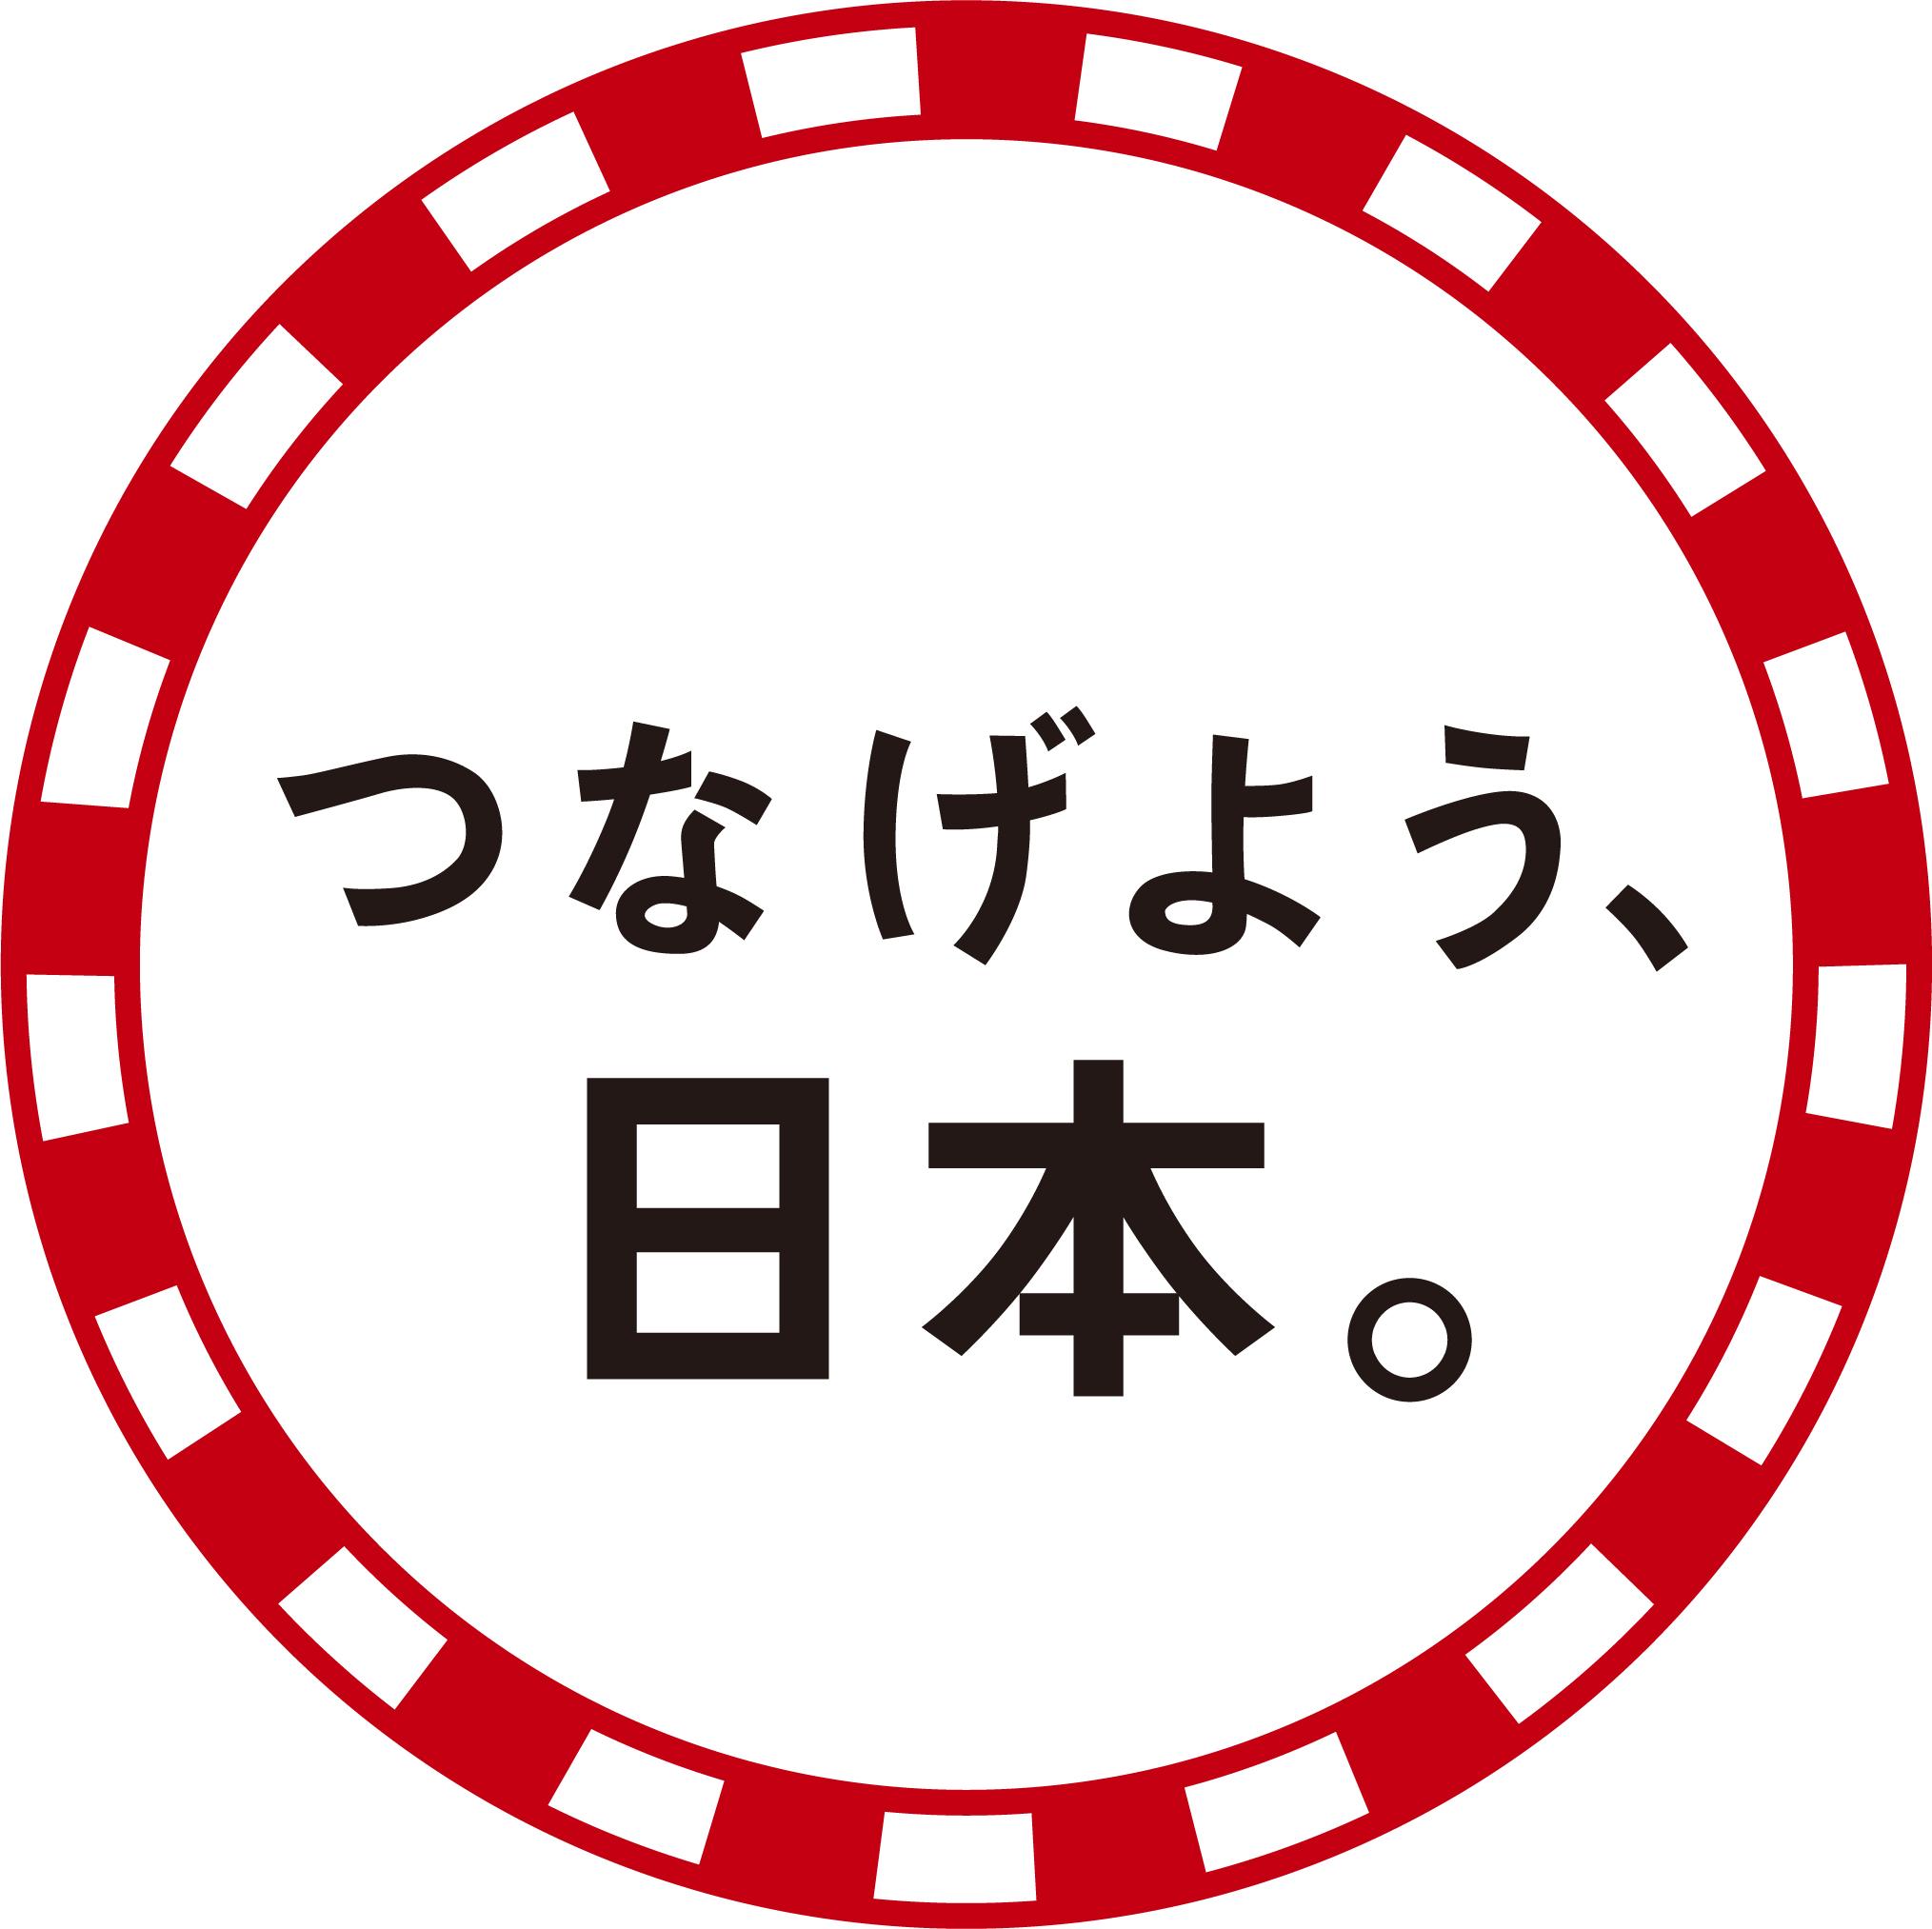 つなげよう日本。ステッカー